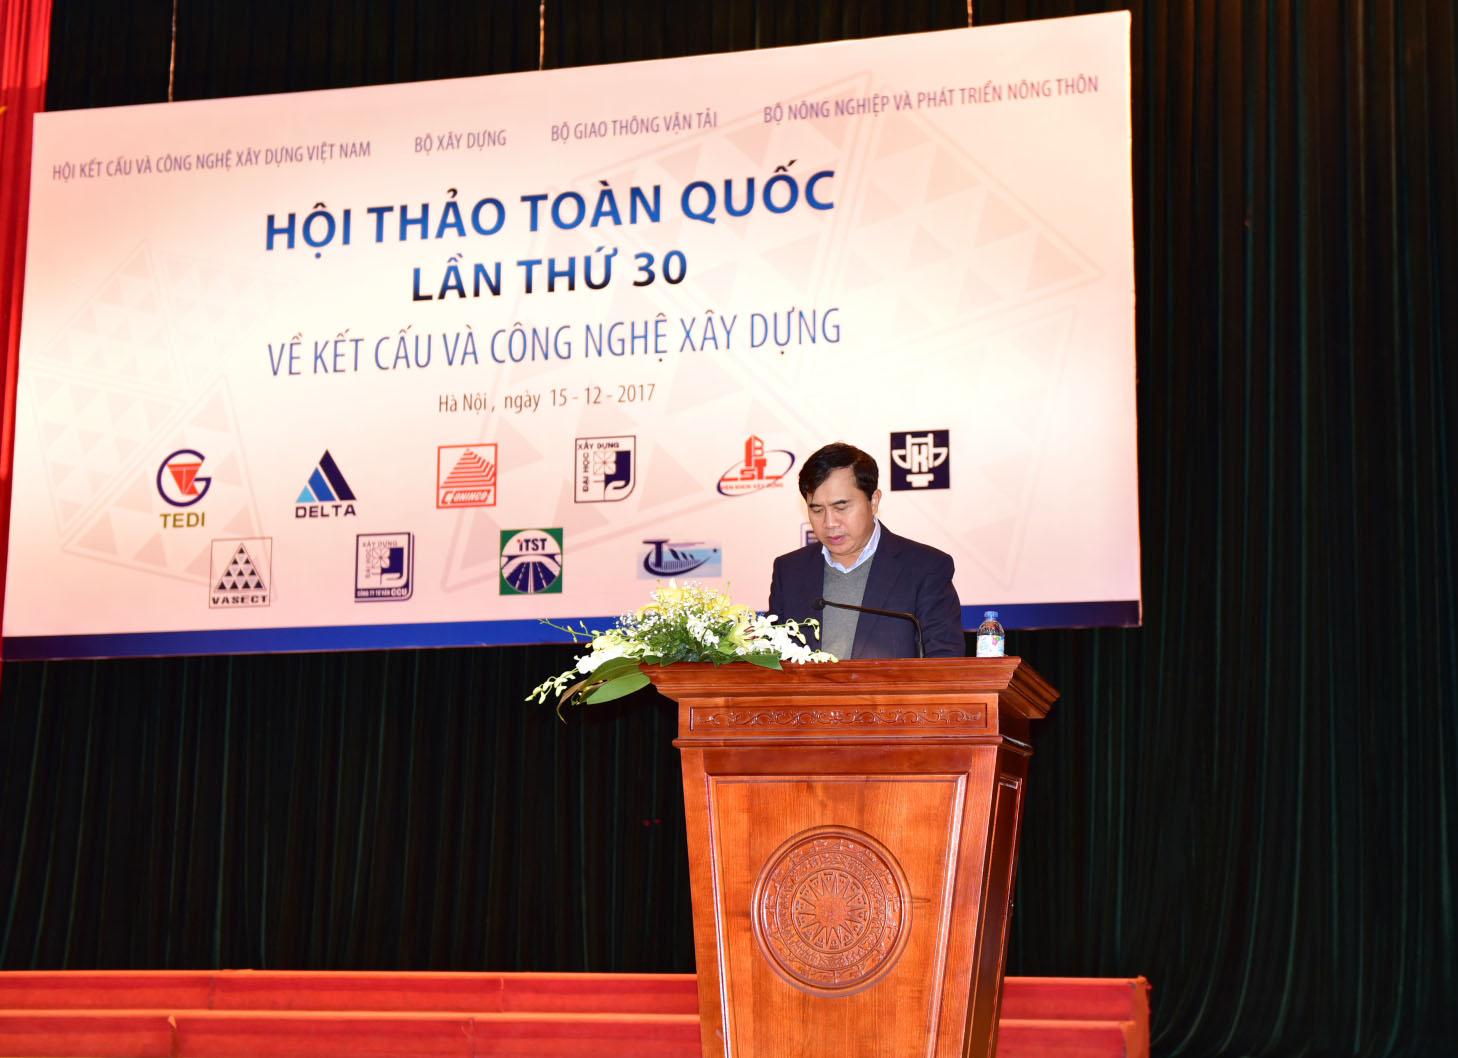 TS. Lê Quang Hùng - Thứ trưởng Bộ Xây dựng phát biểu tại Hội thảo